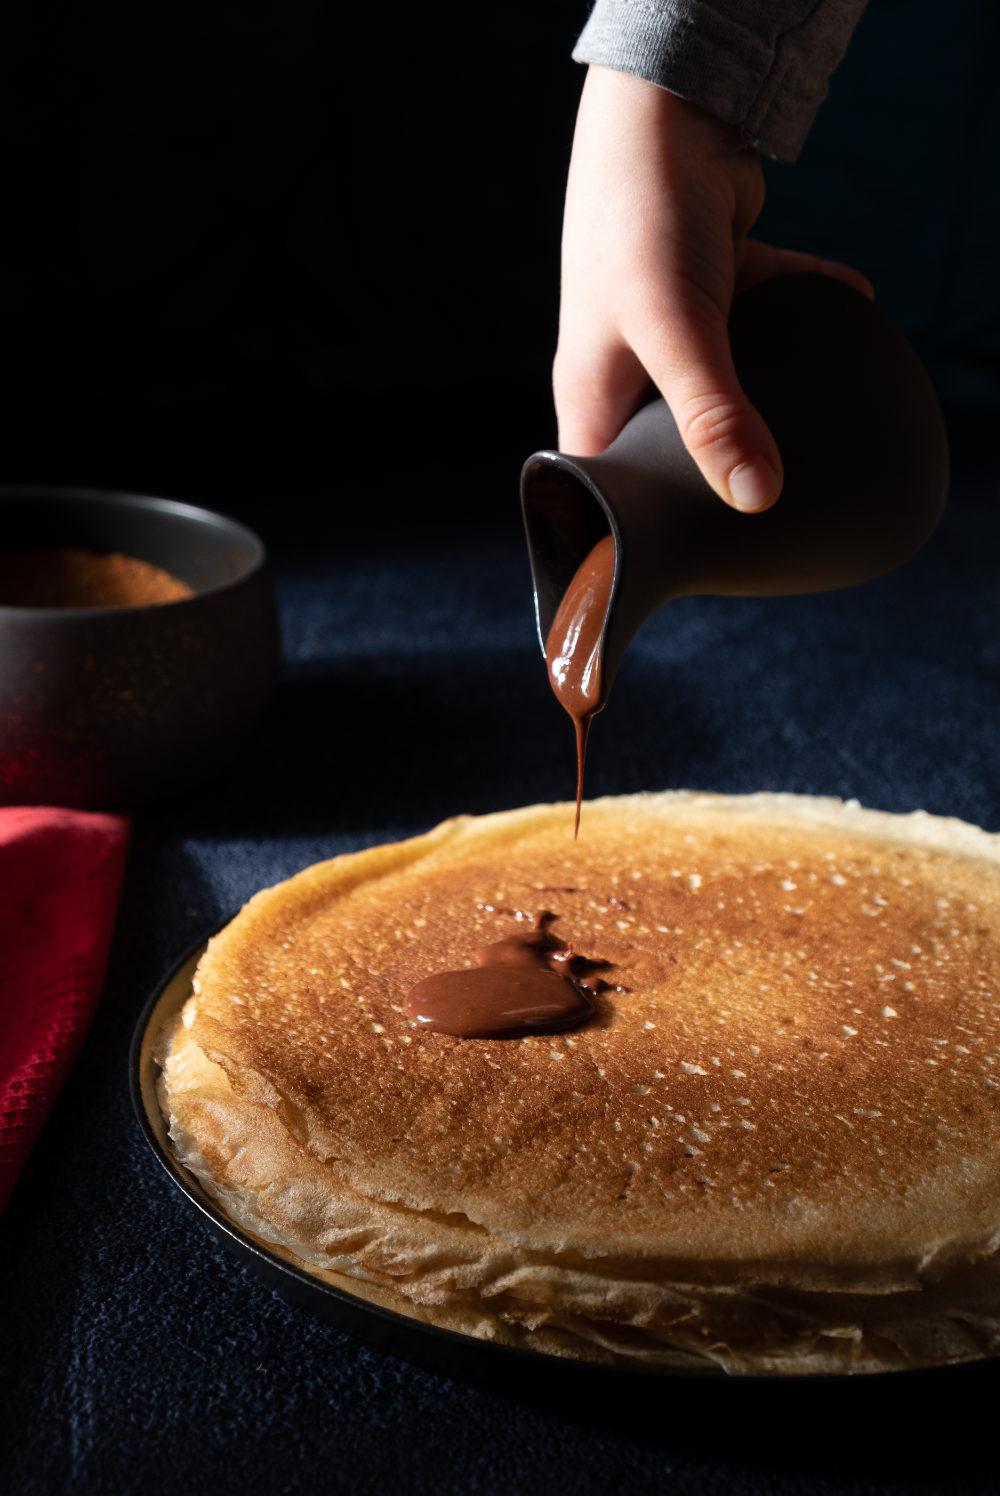 recette-crepes-sans-gluten-sans-lactose-richard-hawke-